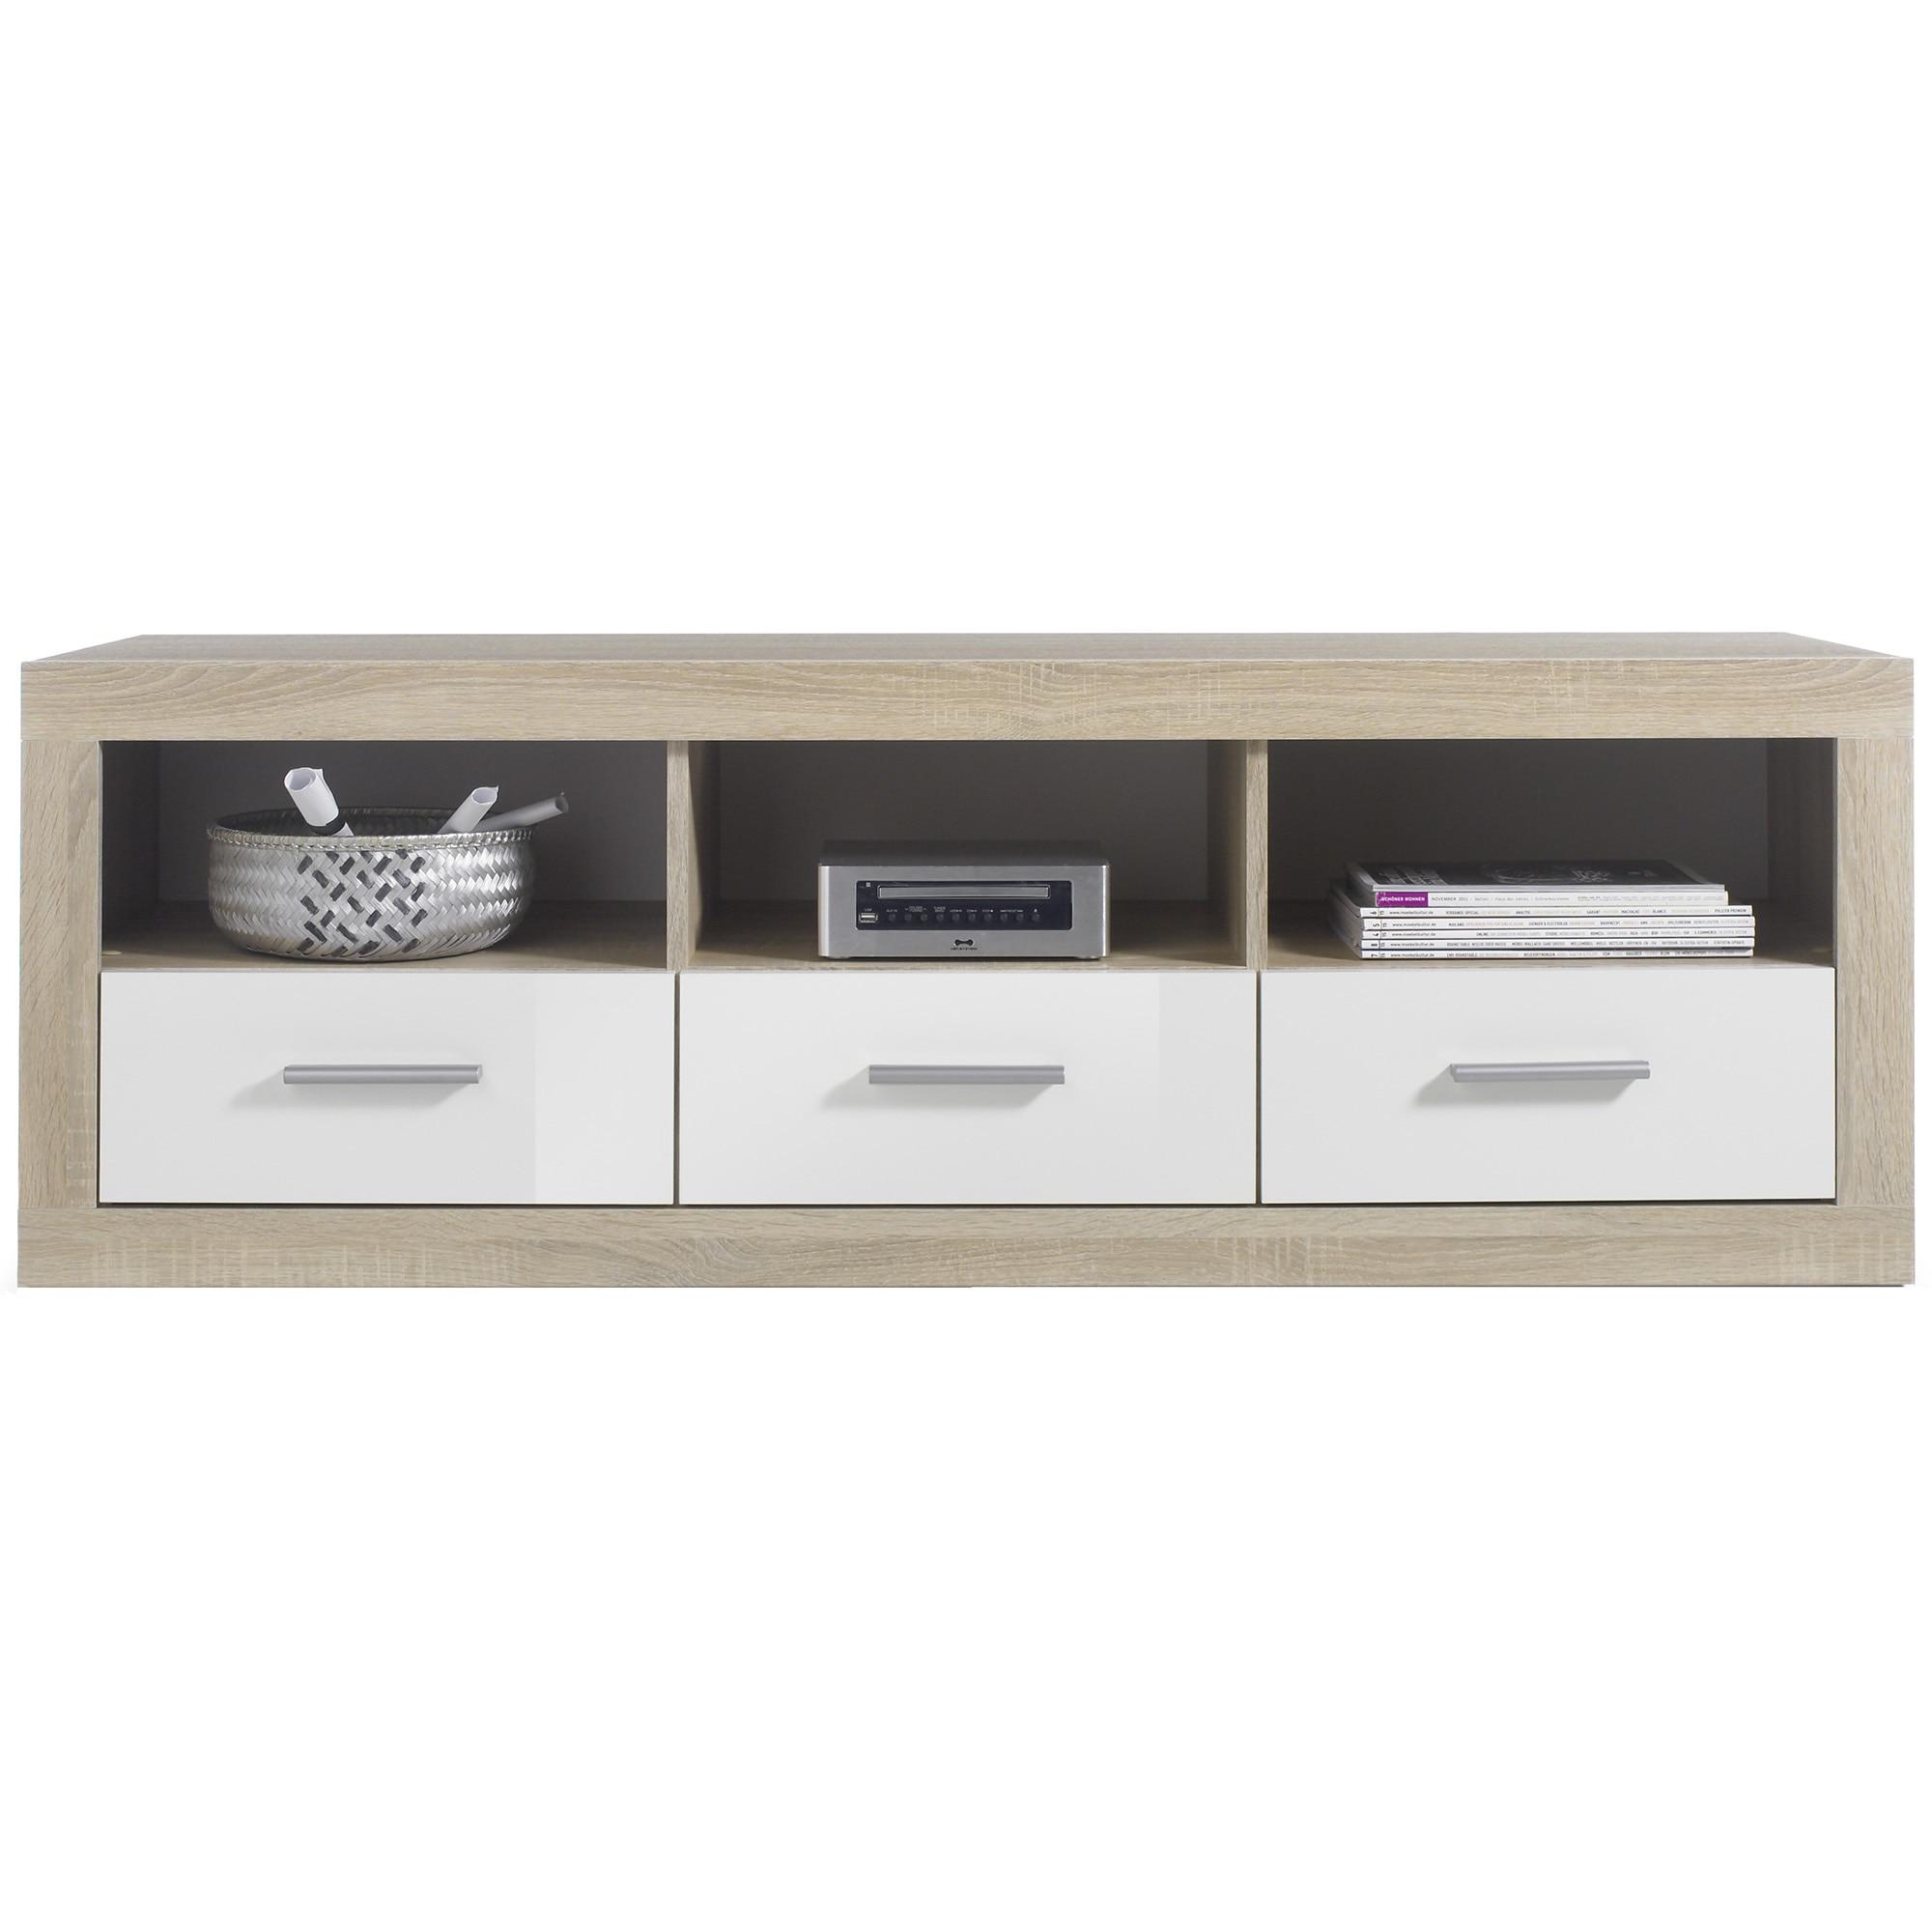 Fotografie Comoda TV CAN CAN, 147x49x45 cm, 3 sertare, front Alb, laterale Stejar- San Remo